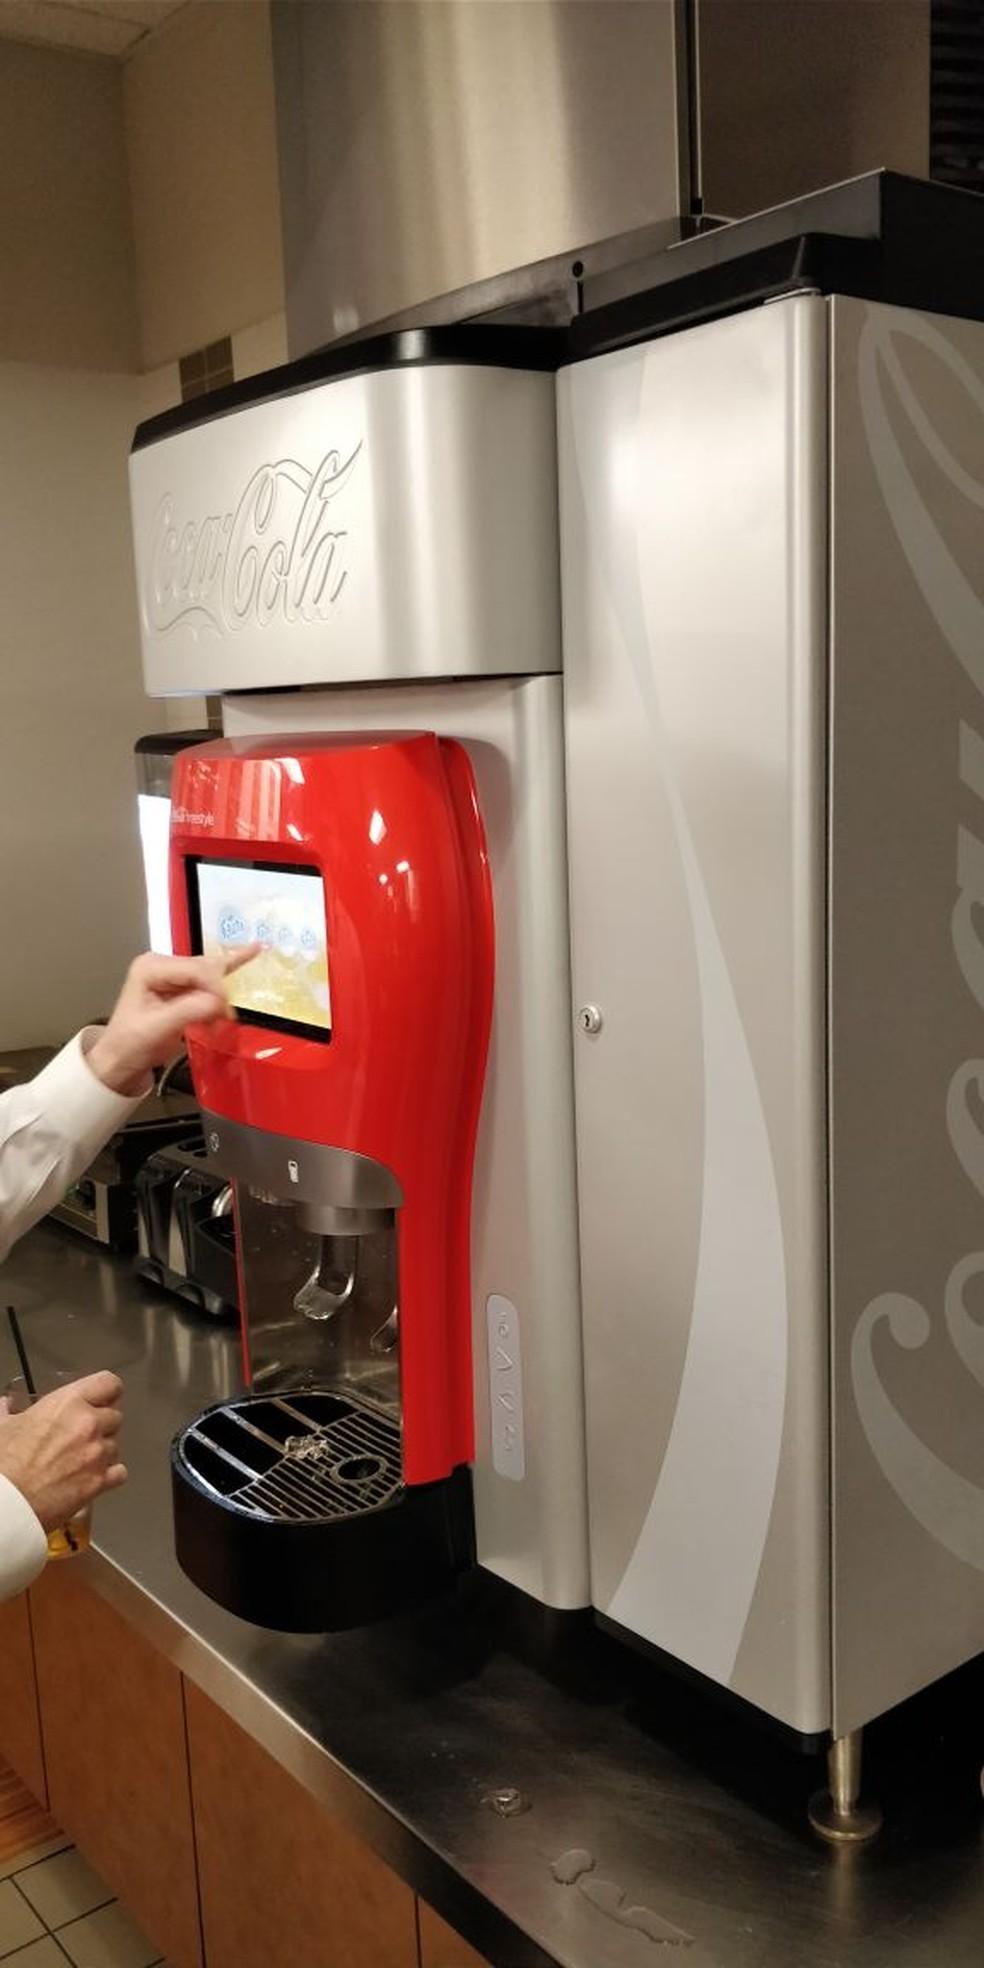 Máquina permite que consumidores criem sua própria bebida combinando centenas de ingredientes, e envia estatísticas para servidor. (Foto: Fabrício Vitorino/Globo.com)